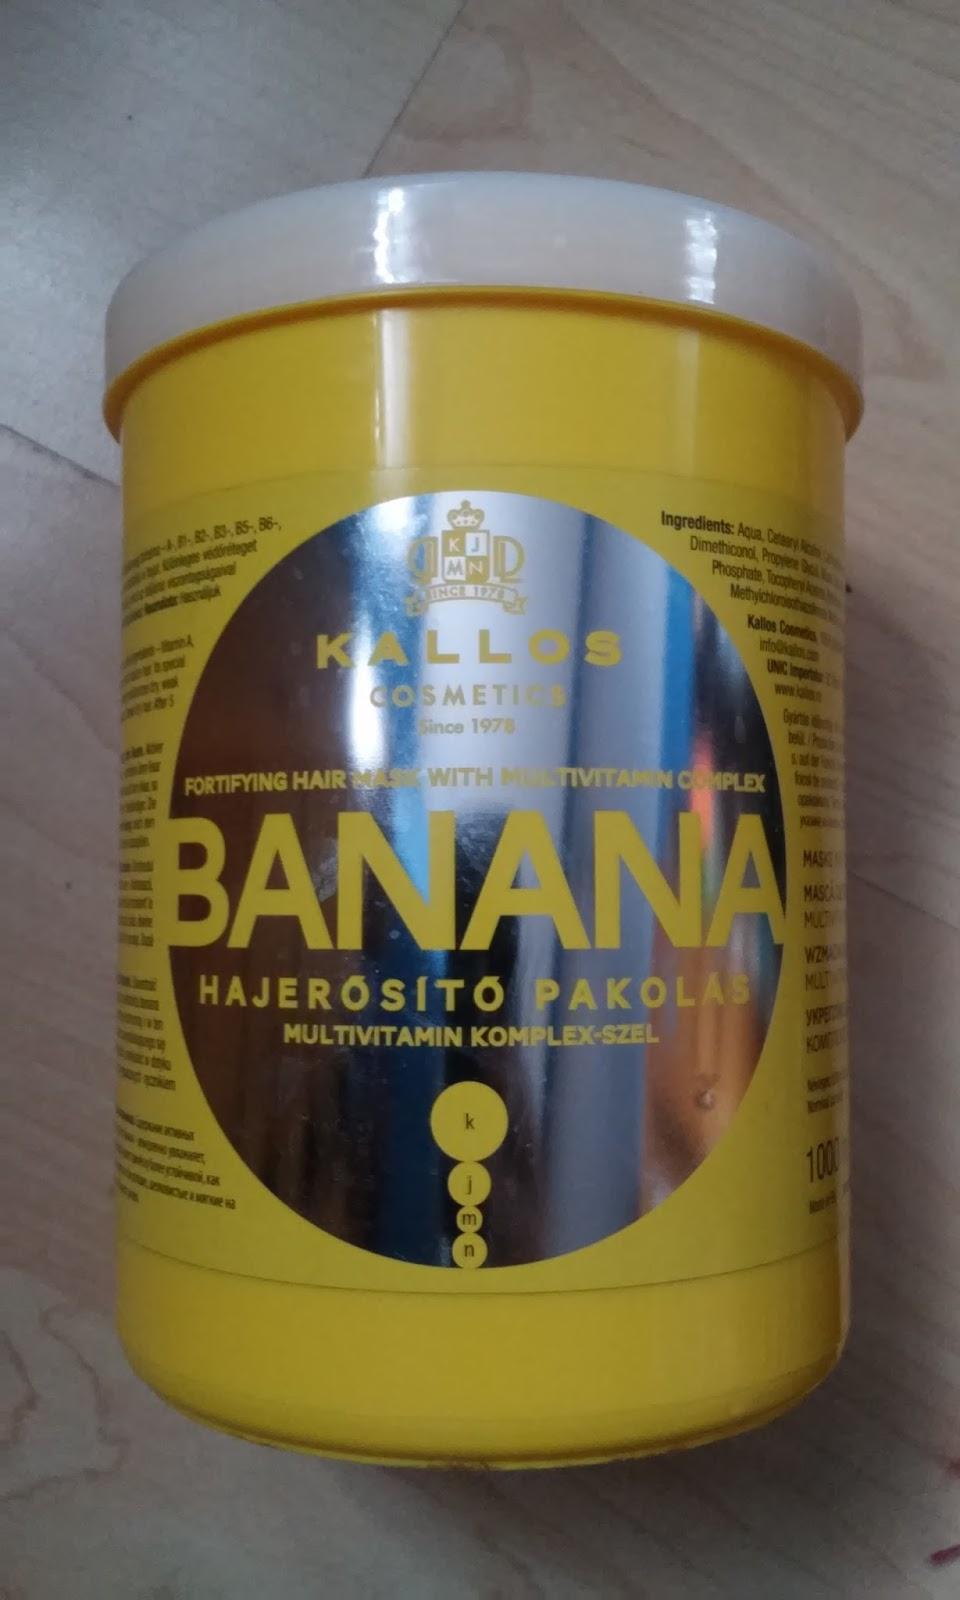 Kallos cosmetics Banana